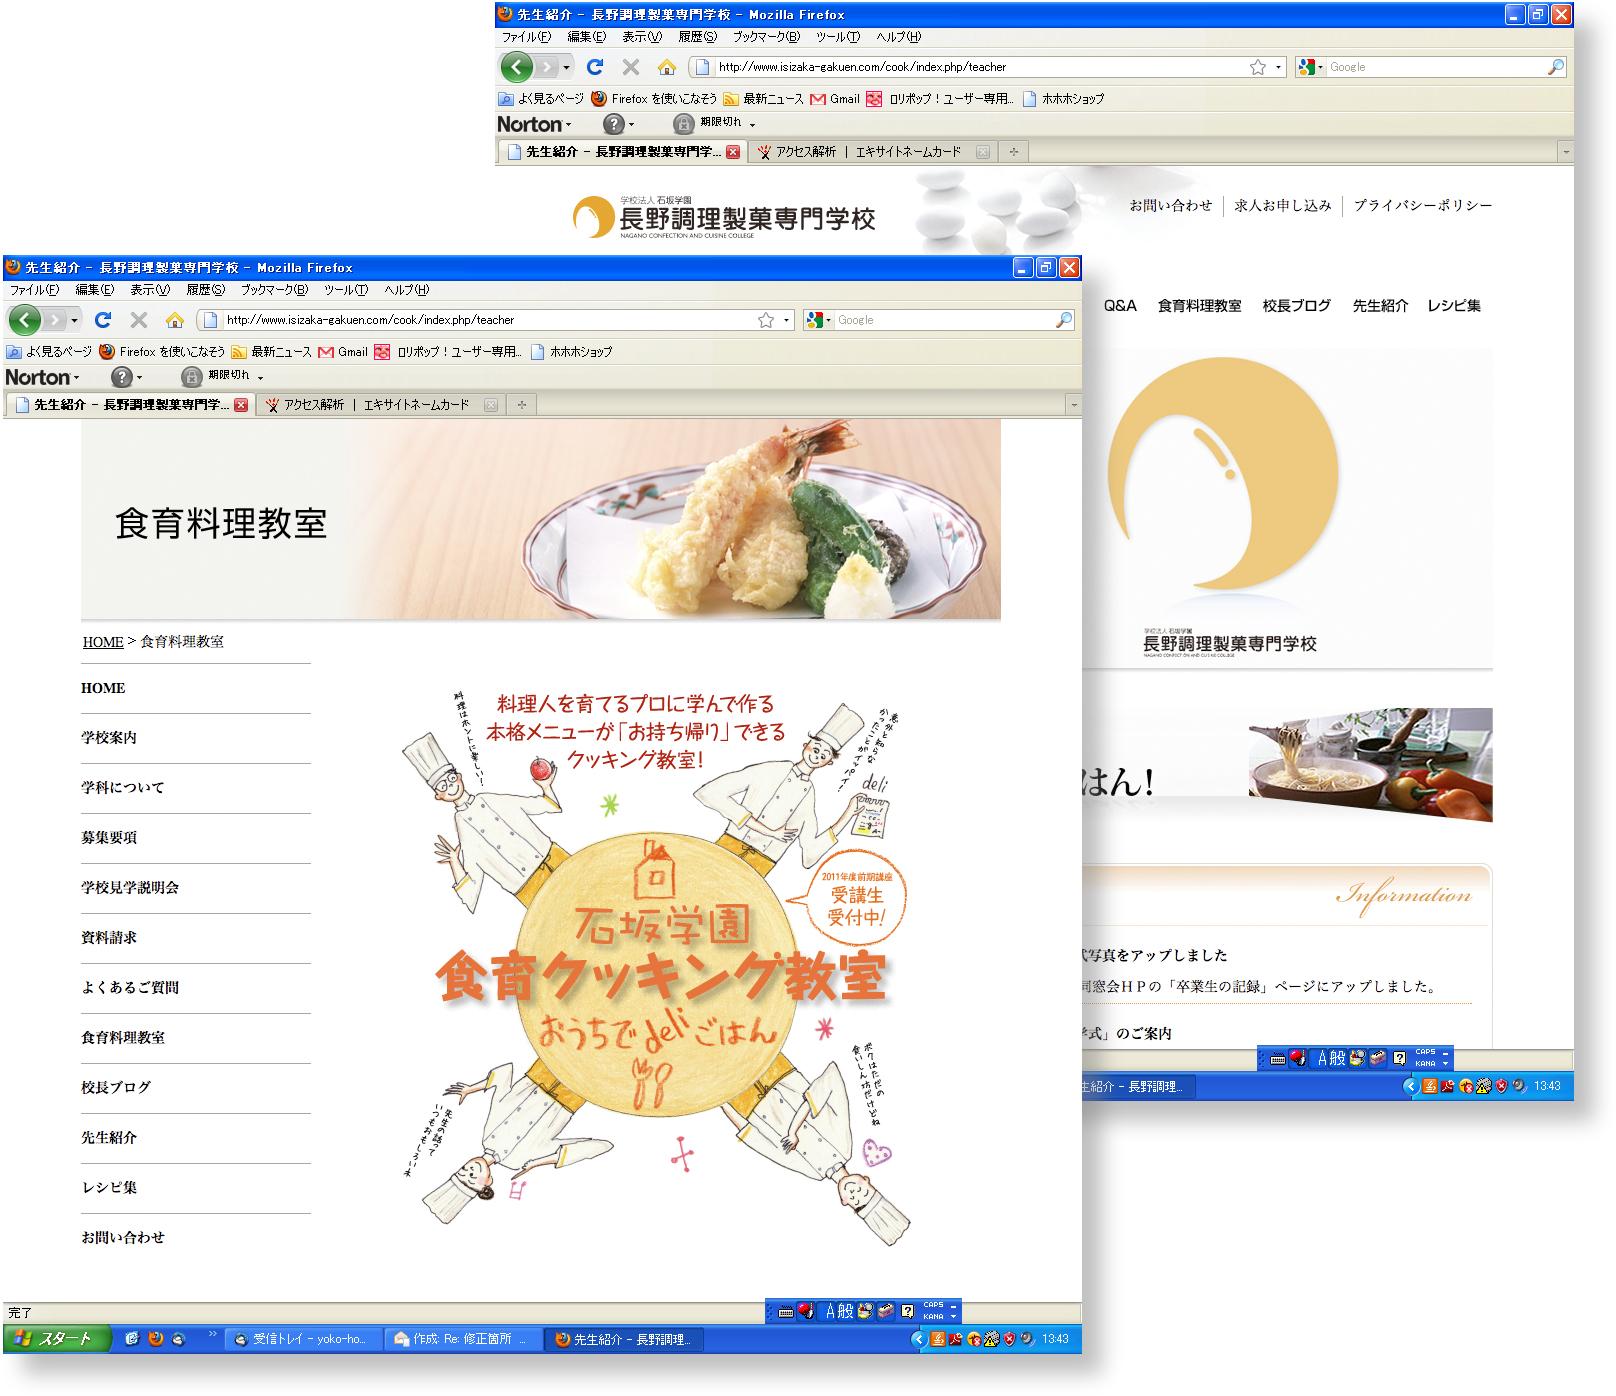 長野調理製菓専門学校のホームページに | イラスト|寄る年波とおしゃれ